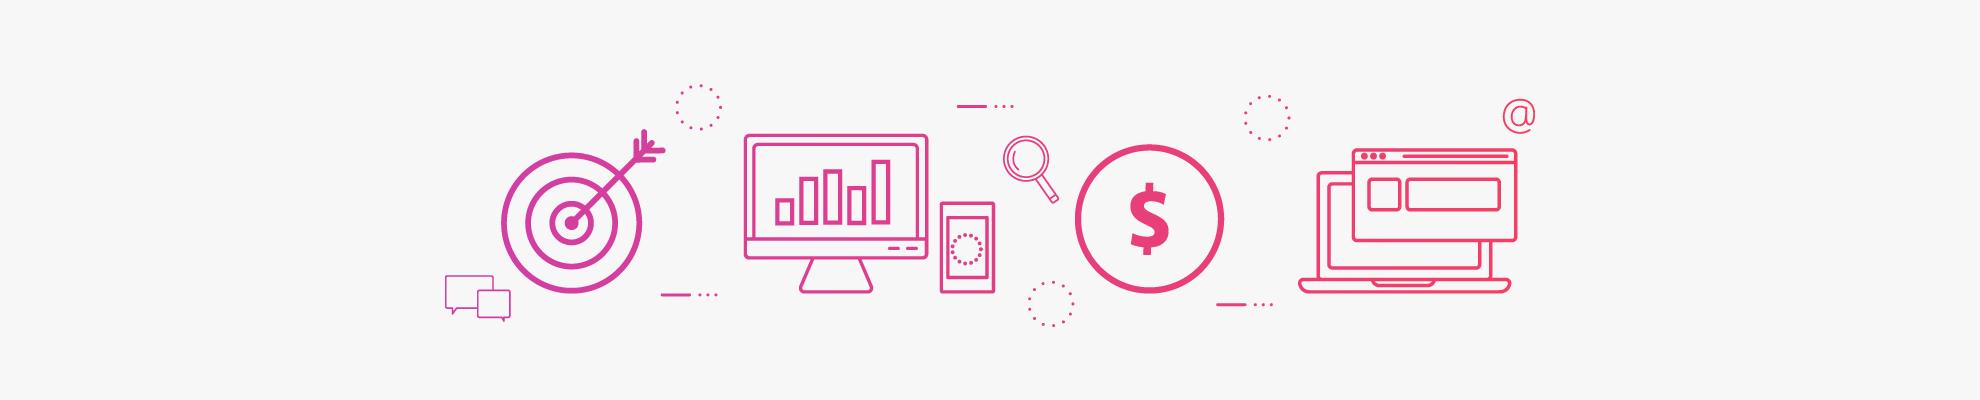 4 Vantagens do Marketing Digital sobre o Marketing Offline Tradicional